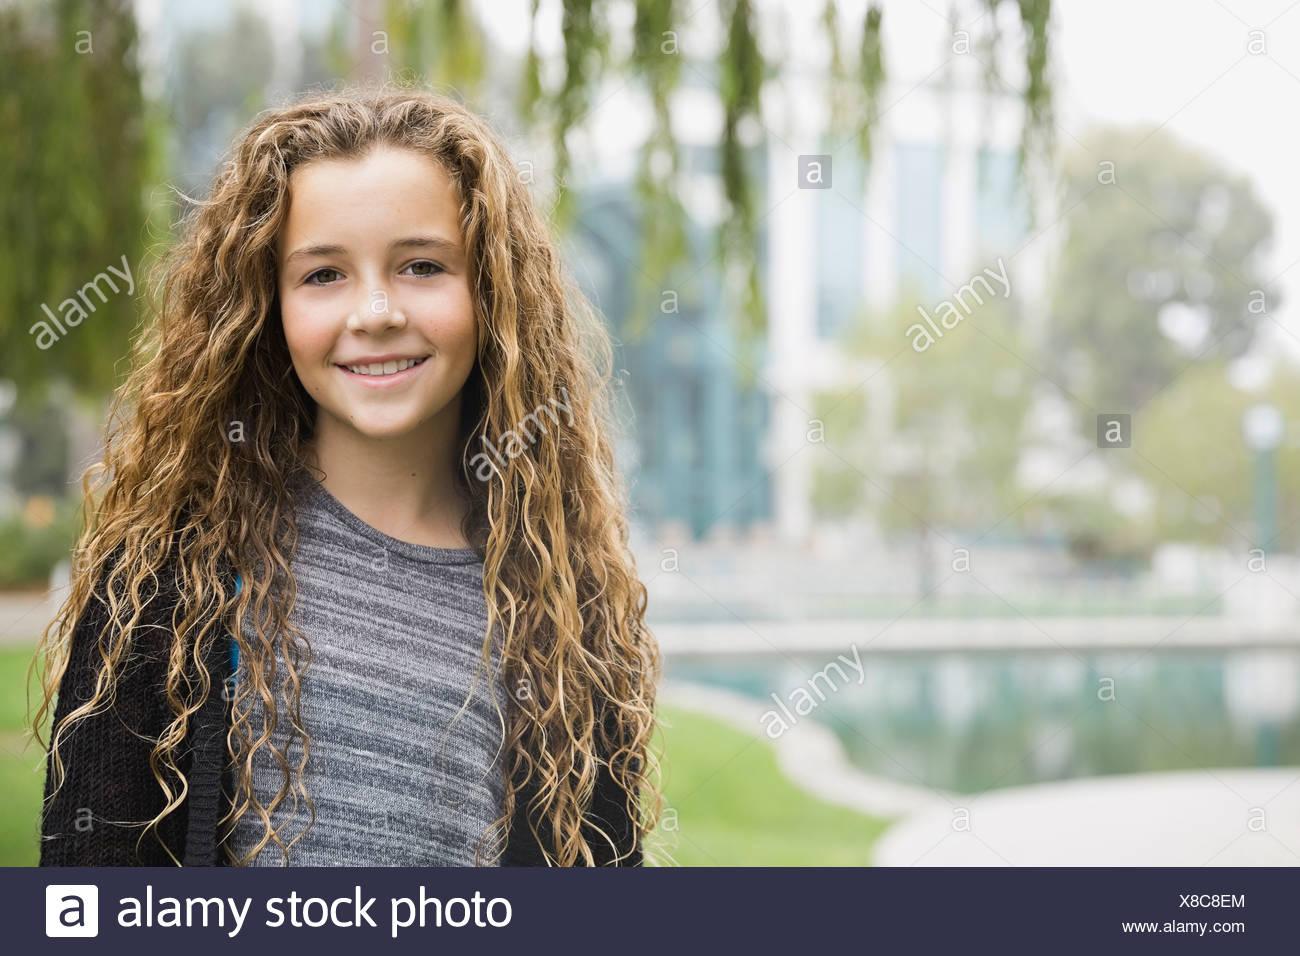 Retrato de niña sonriente en estacionamiento Imagen De Stock